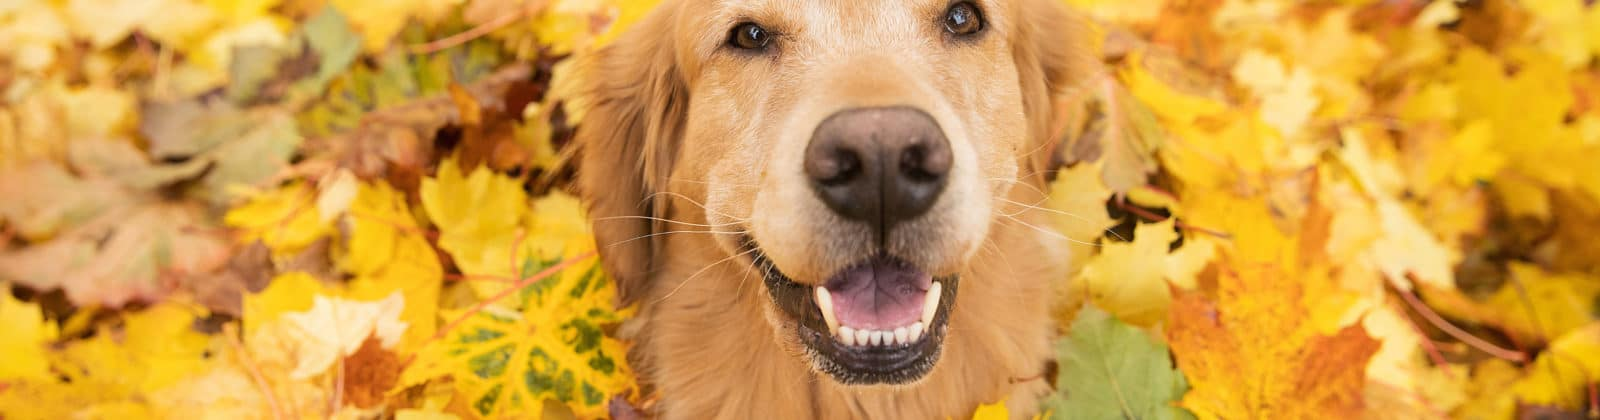 dog play leaves safe